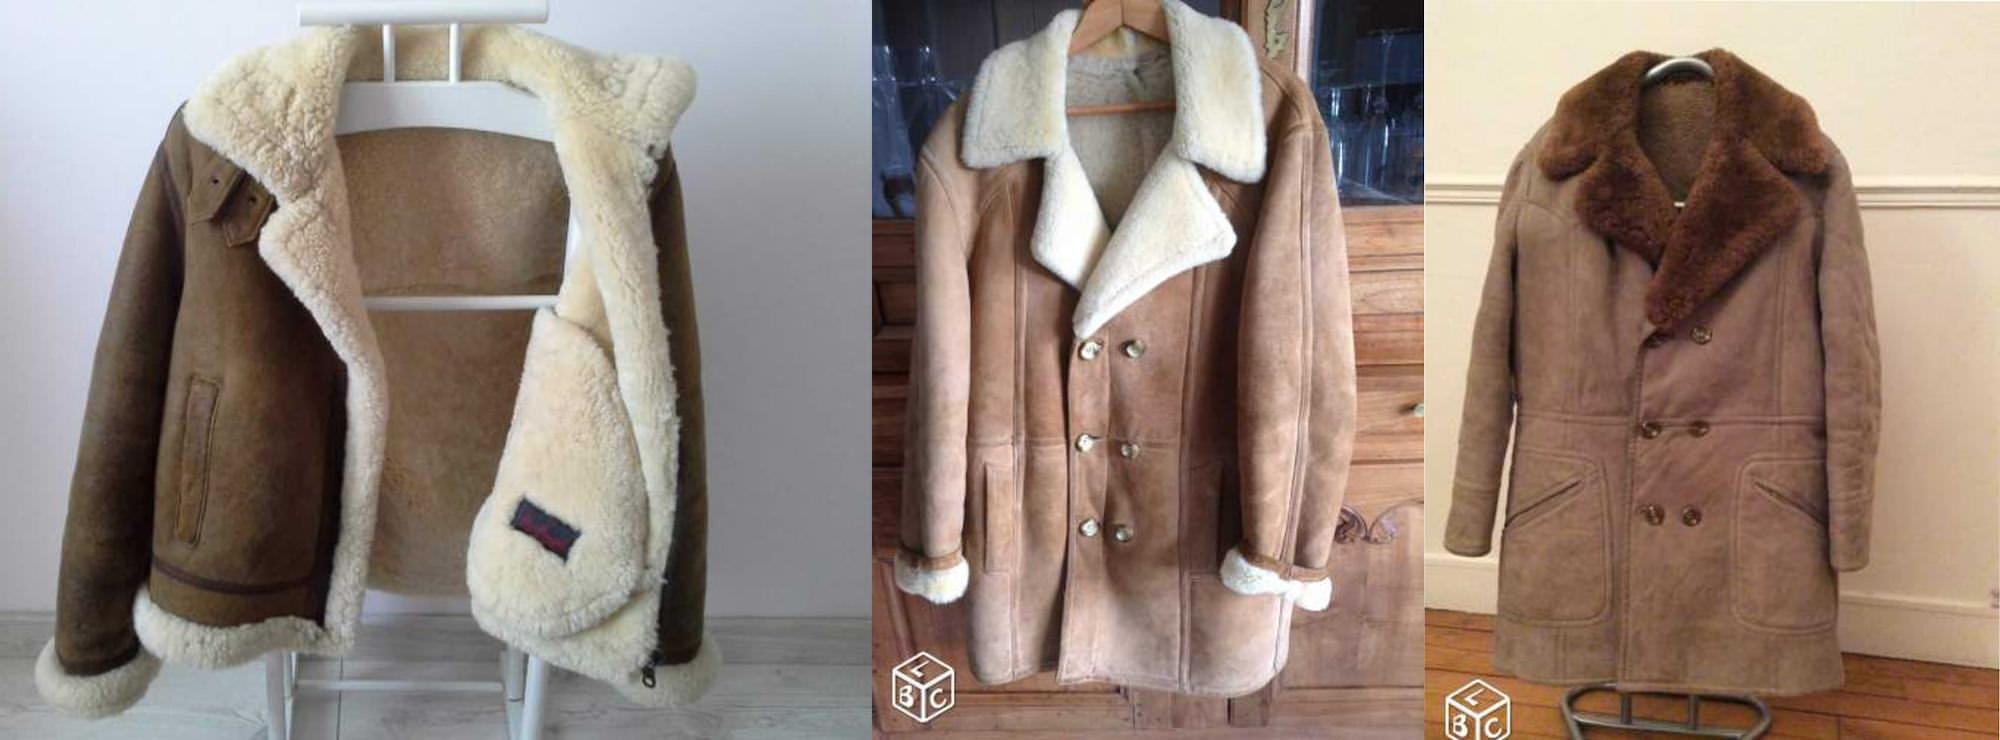 leboncoin mode homme peau lainée